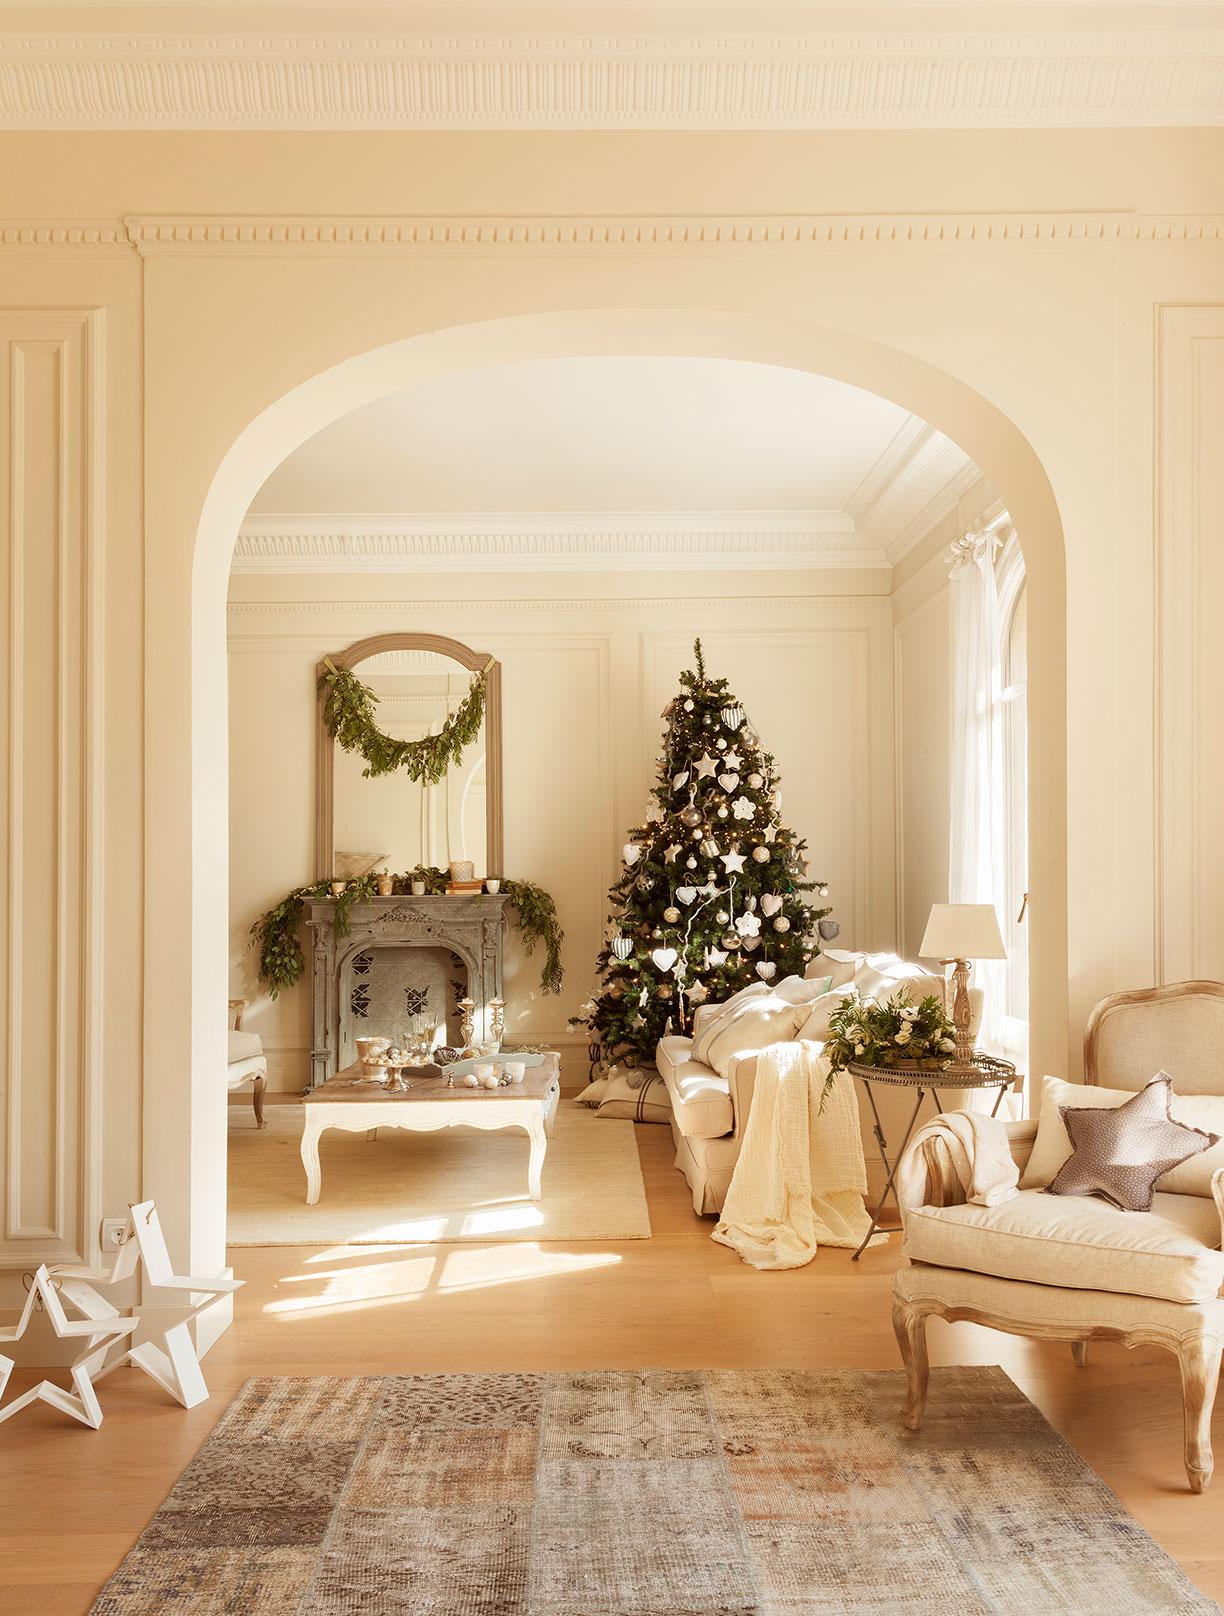 Una casa para vivir la Navidad_Westwing Magazine_2